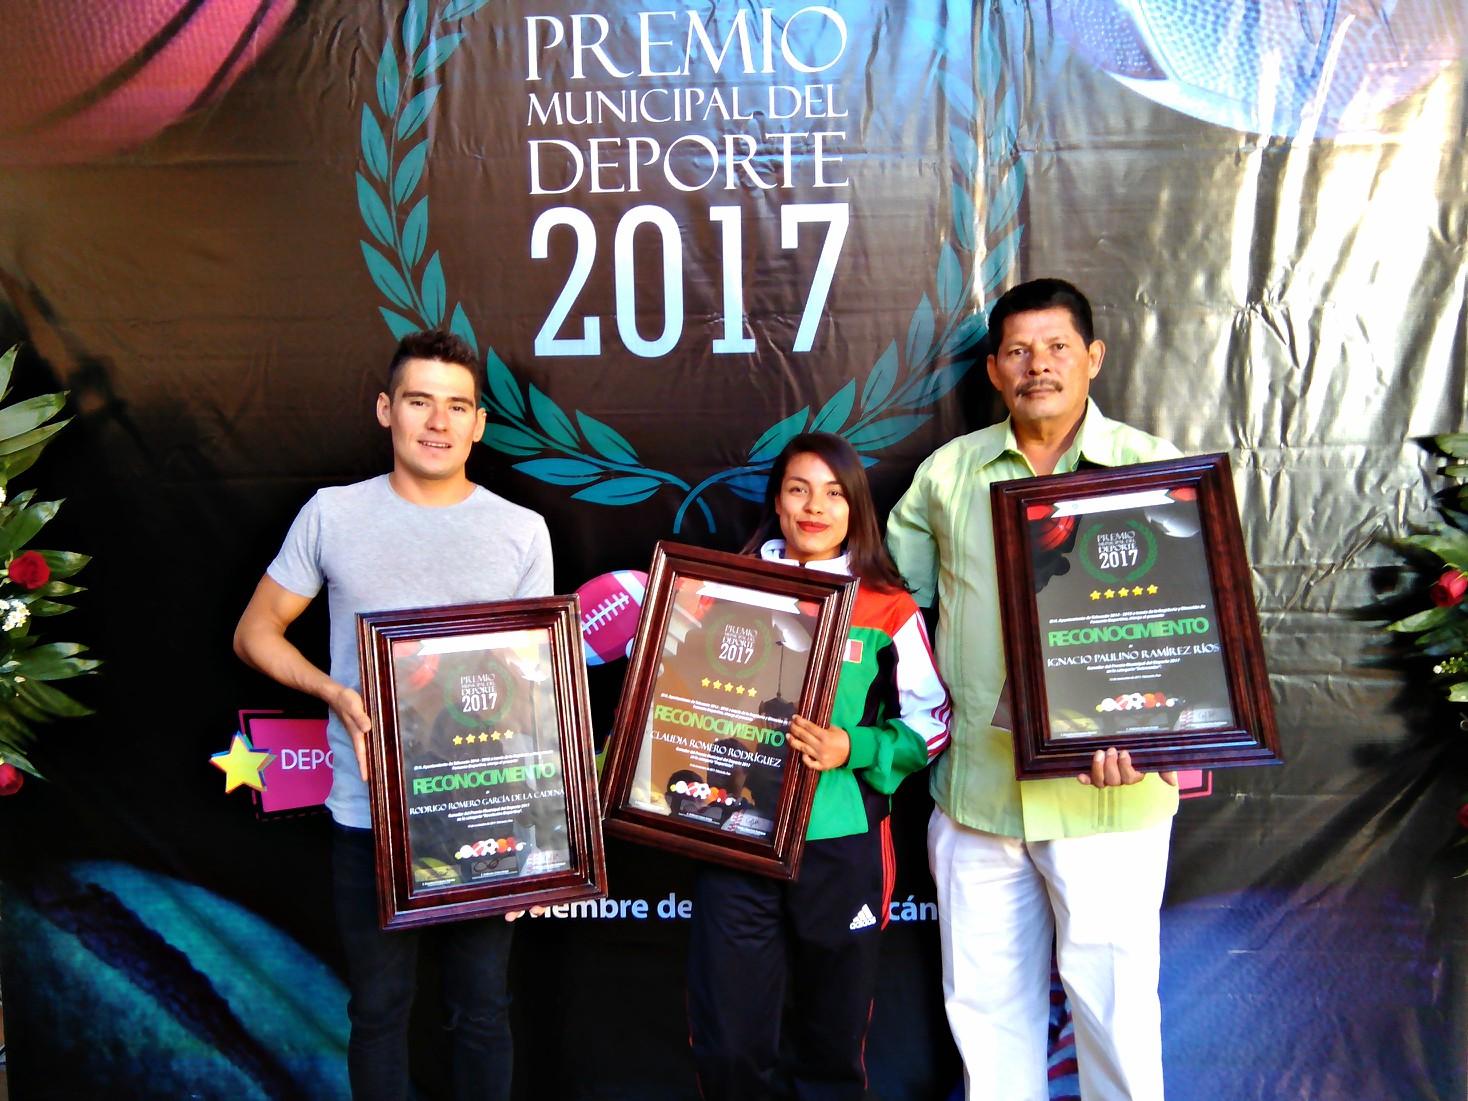 Claudia Romero Rodríguez, Rodrigo Romero García de la Cadena, Prof. Ignacio Paulino Ramírez Ríos